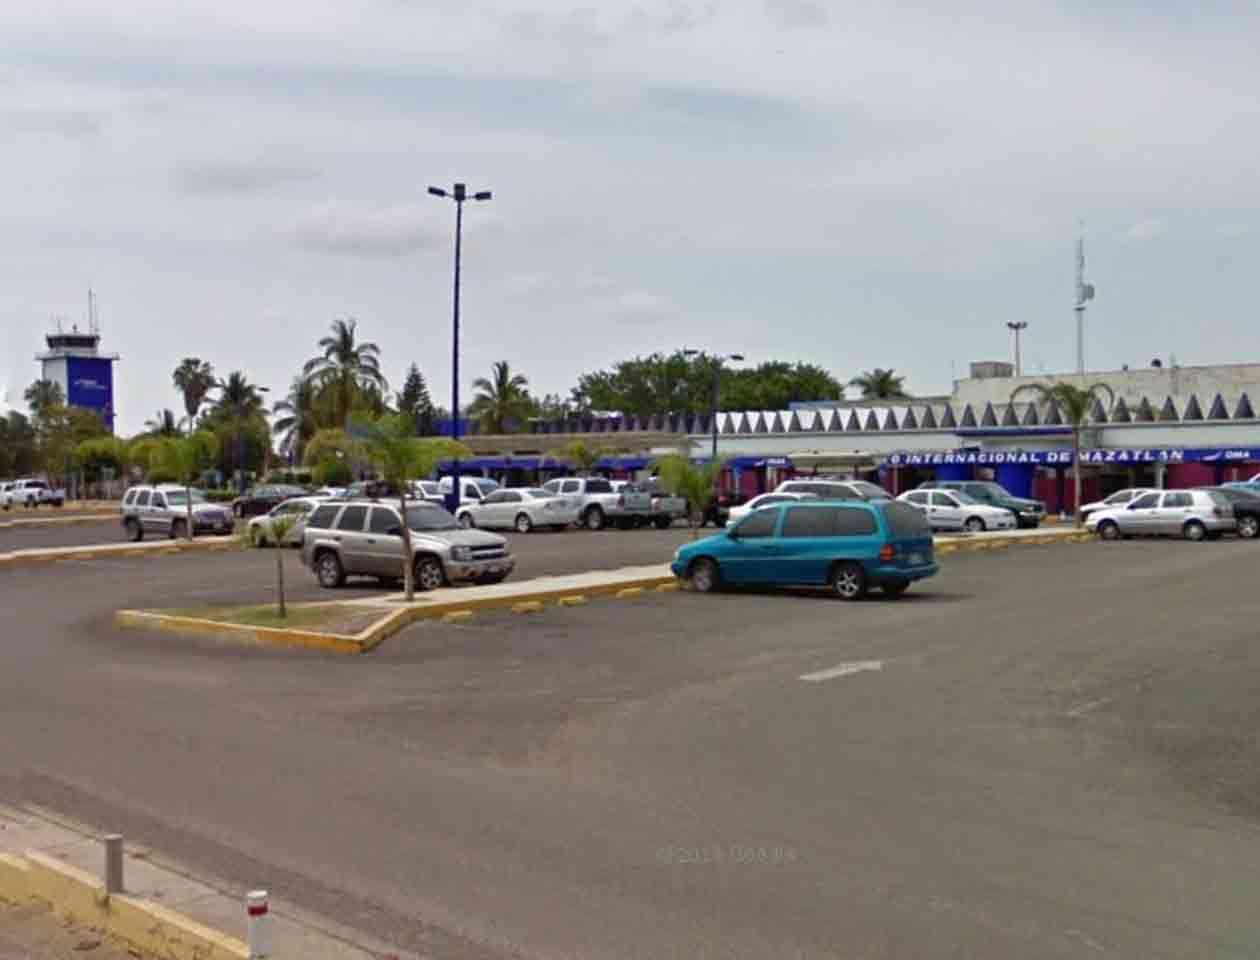 Los pasajeros fueron transbordados a otra aeronave para continuar su viaje. En la imagen: aeropuerto internacional de Mazatlán Foto: Imagen tomada de Google Maps